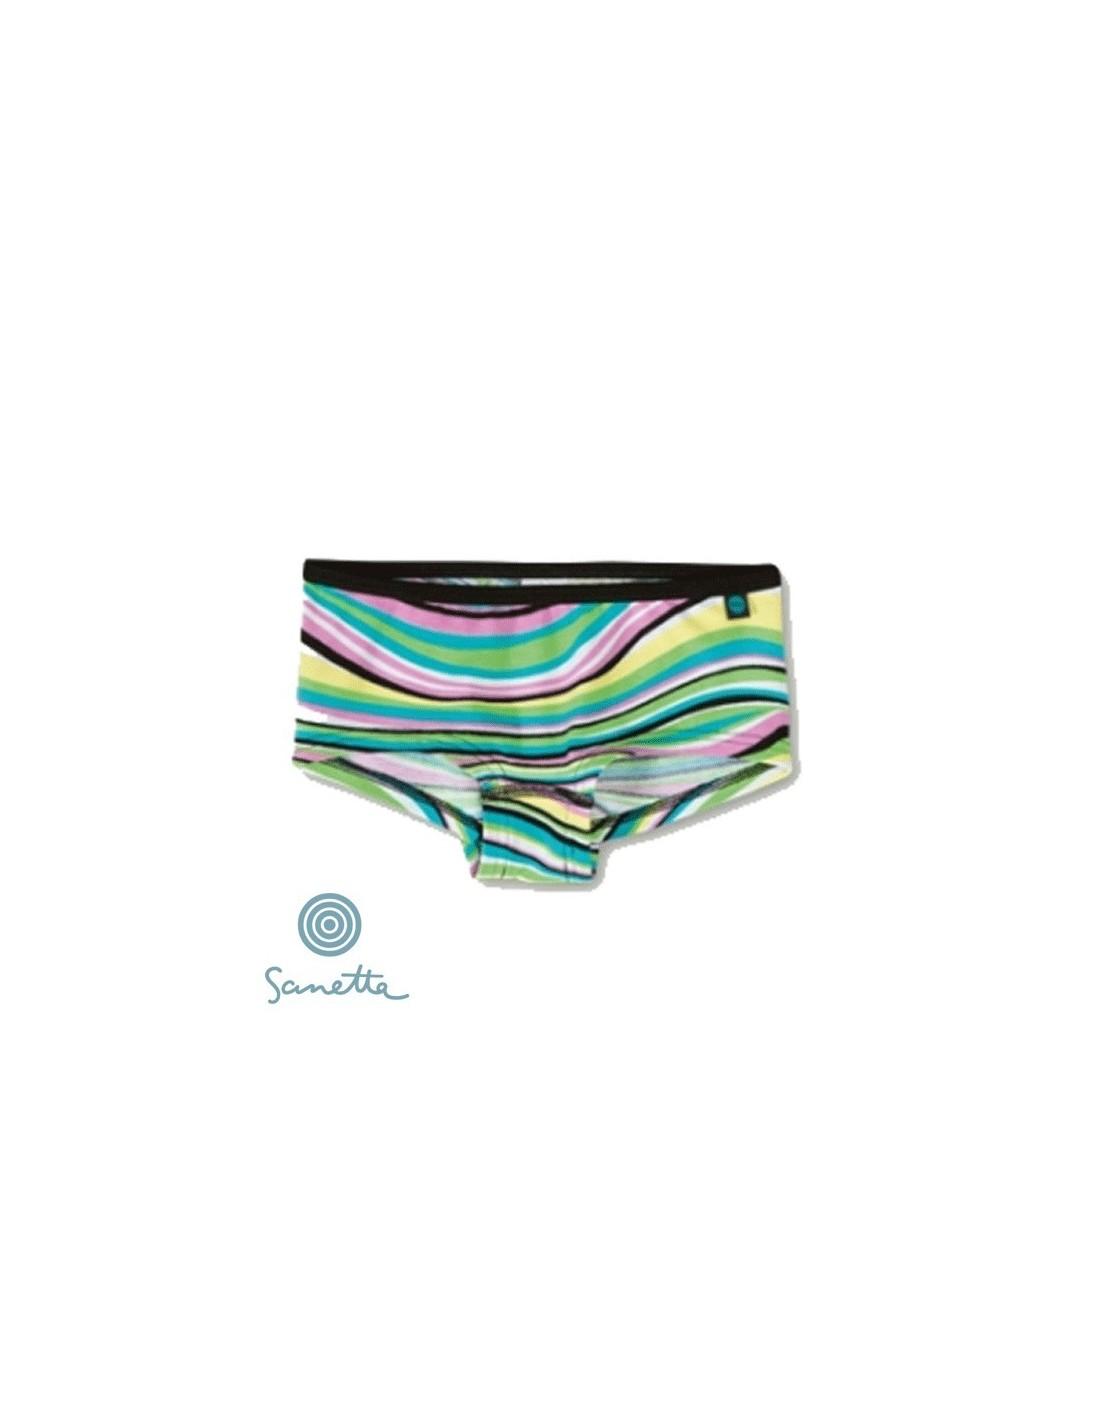 f522262a1b11 Lollipop Cotton Underwear